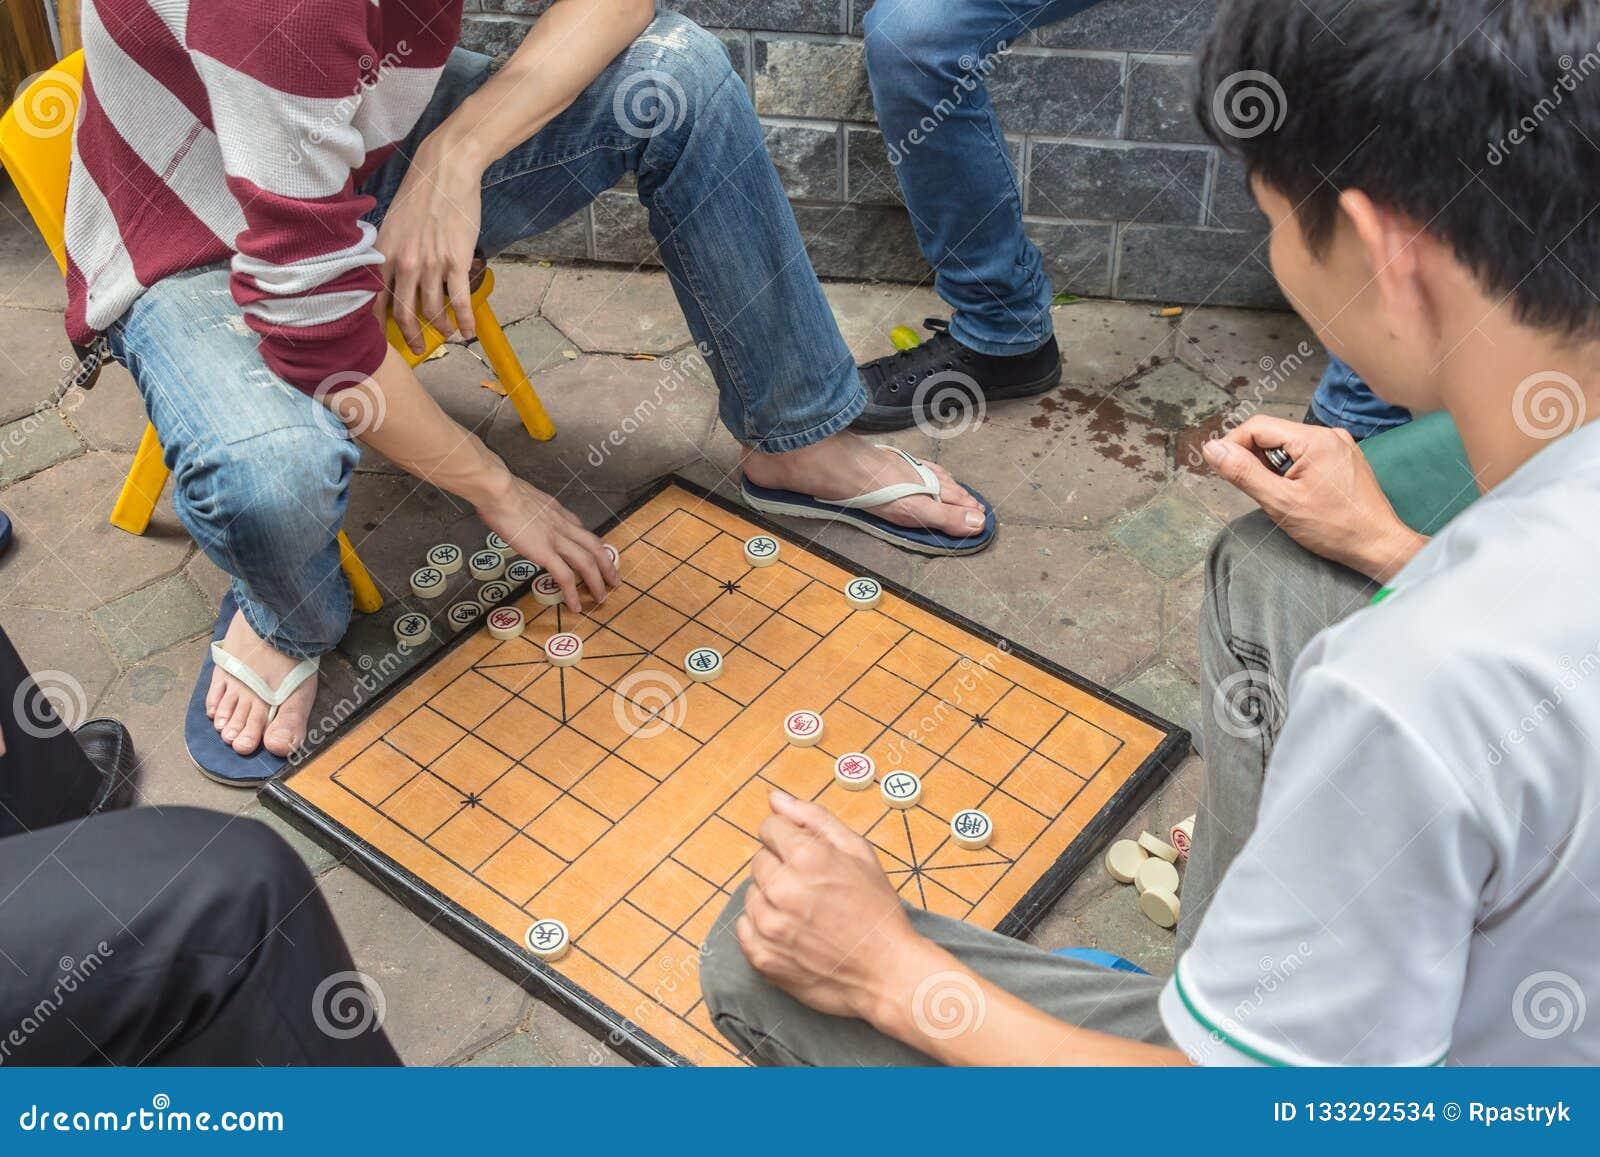 L homme méconnaissable joue le jeu de société traditionnel connu sous le nom d échecs chinois